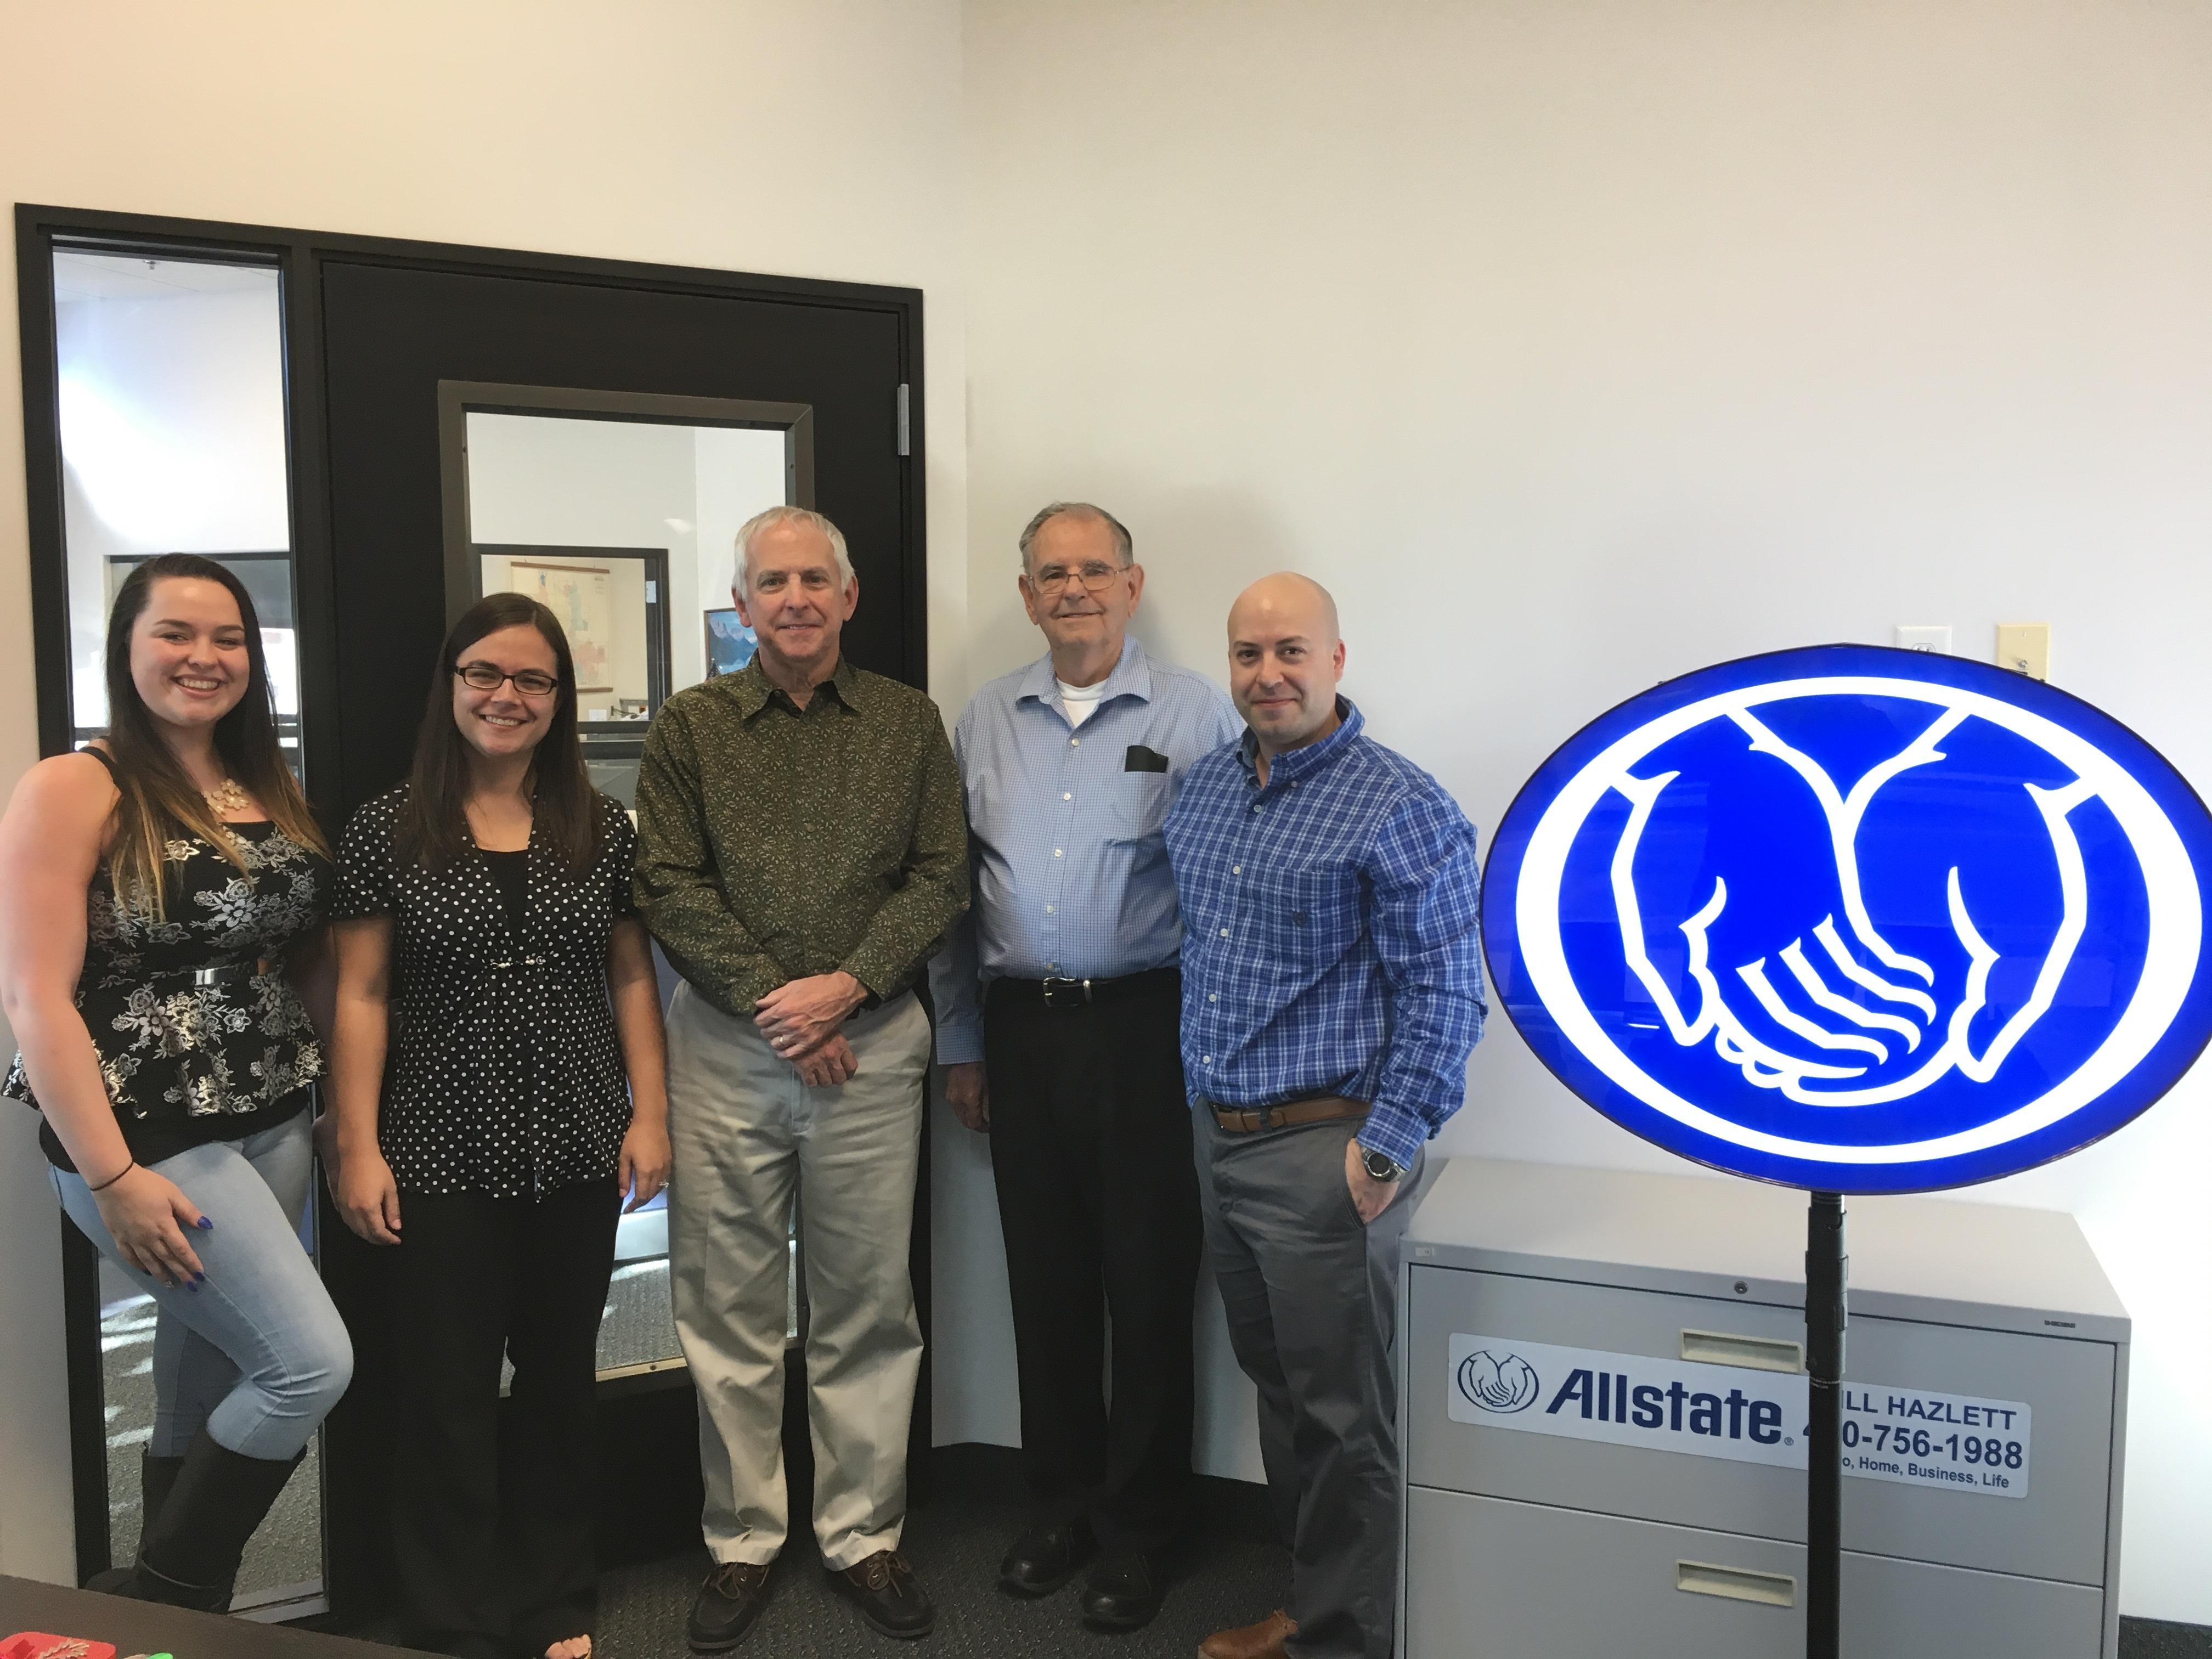 William Hazlett: Allstate Insurance image 3